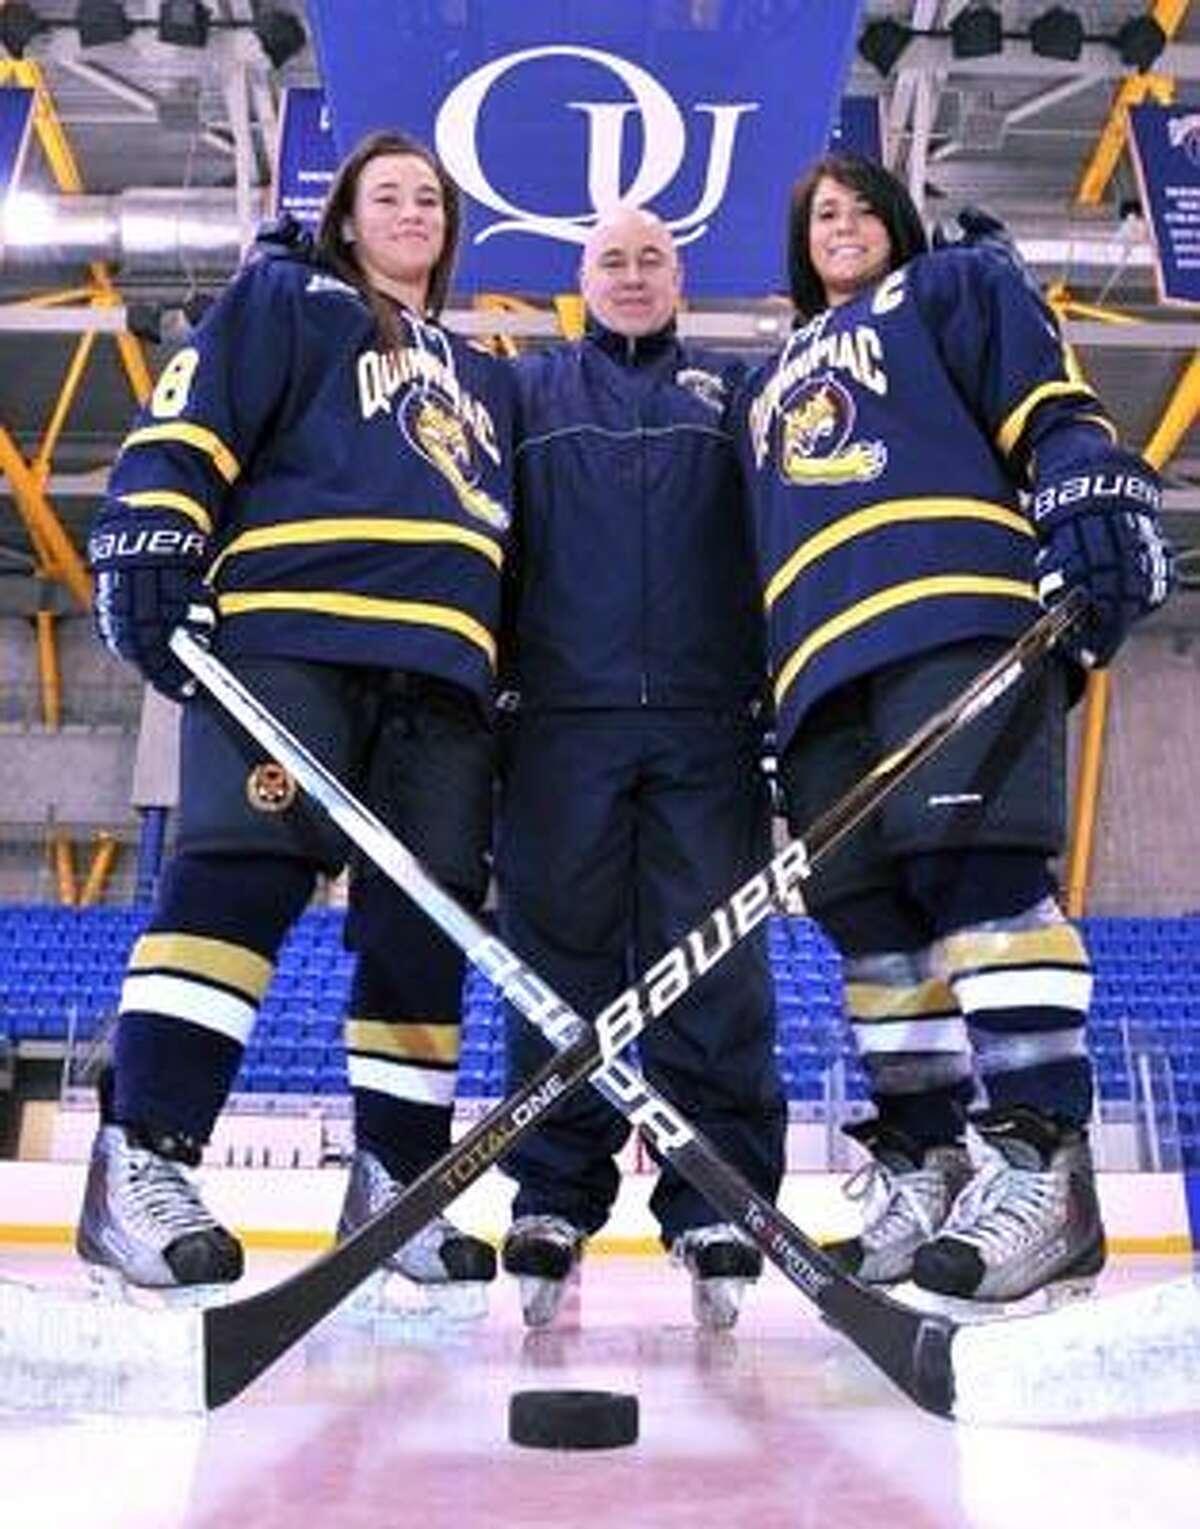 Hamden--Quinnipiac University women's hockey's Kelly Babstock, Coach Rick Seeley and Captain Jordan Elkins. Photo by Brad Horrigan/New Haven Register-03.02.11.